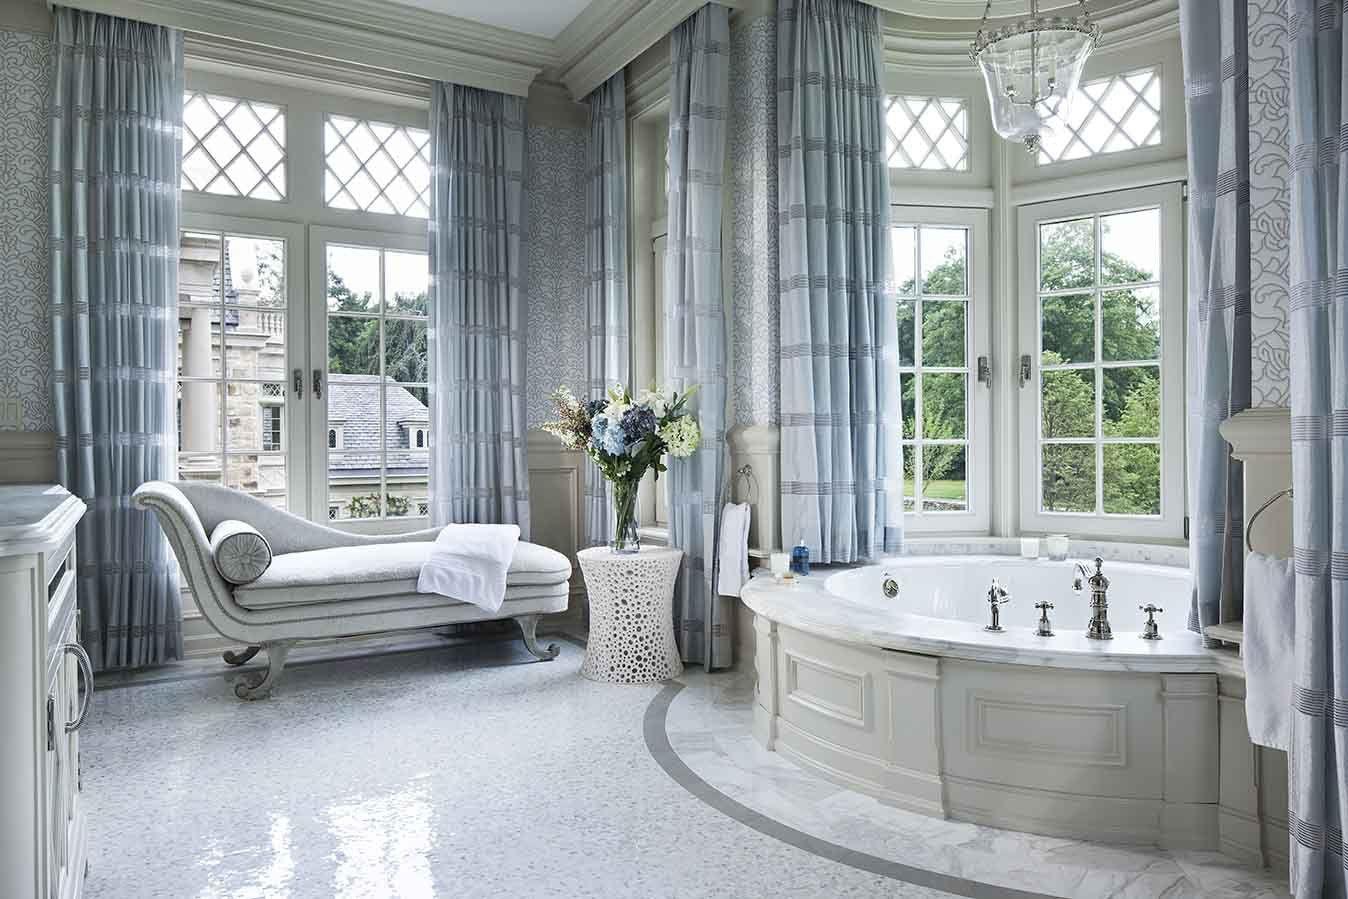 Badezimmer ideen große fliesen master bathroom  home  pinterest  badezimmer bad und einrichtung